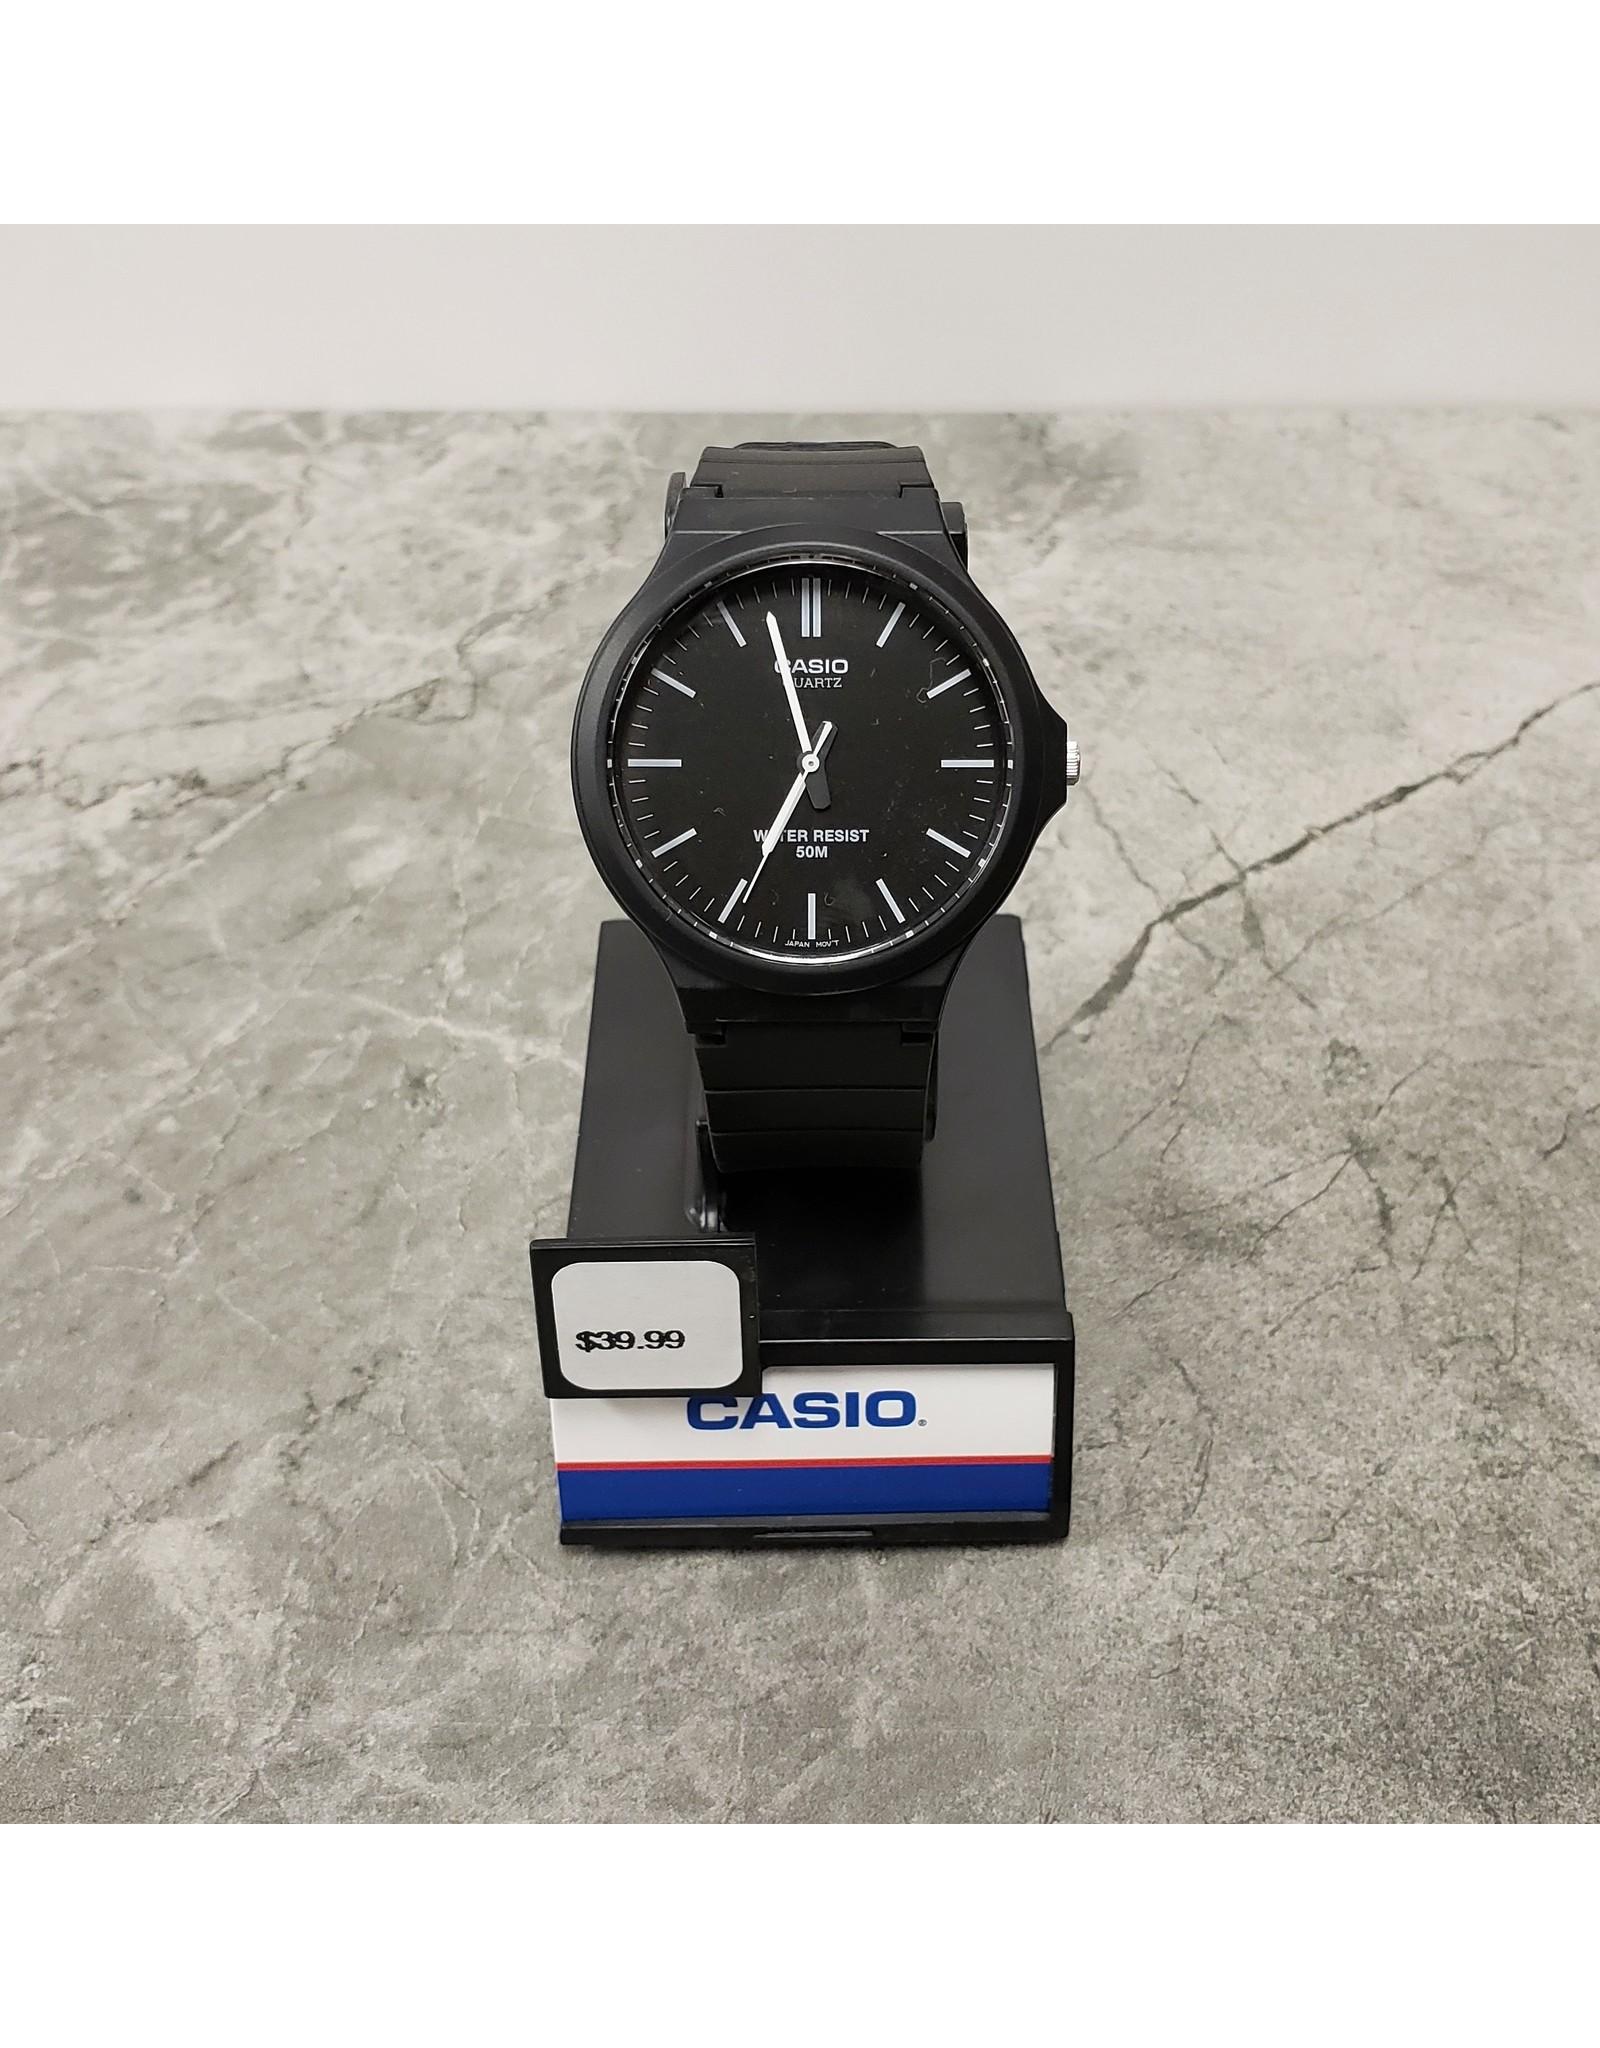 CASIO CASIO MW-240-1EV